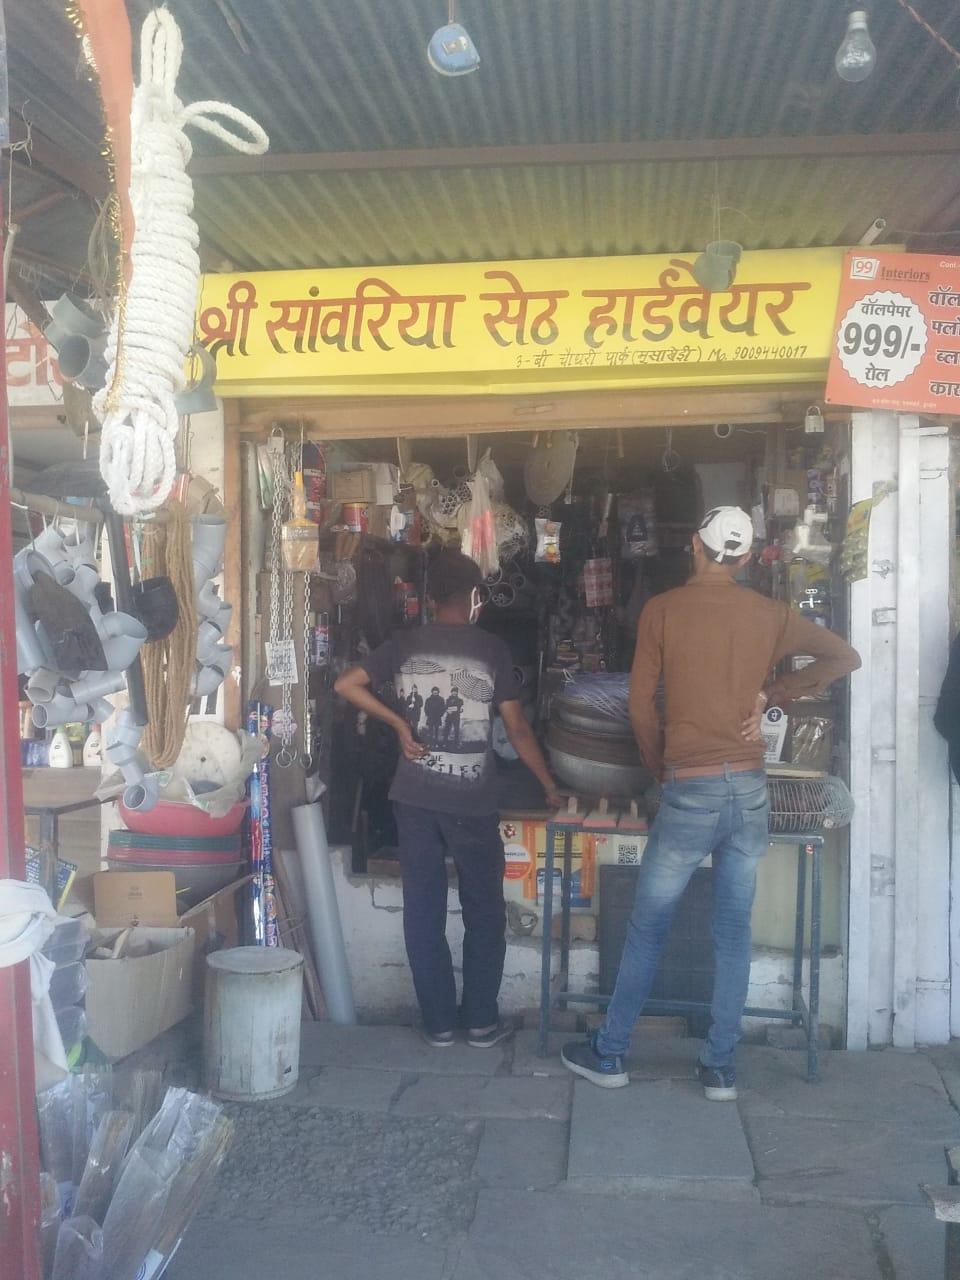 Shree sawariya Seth hardware